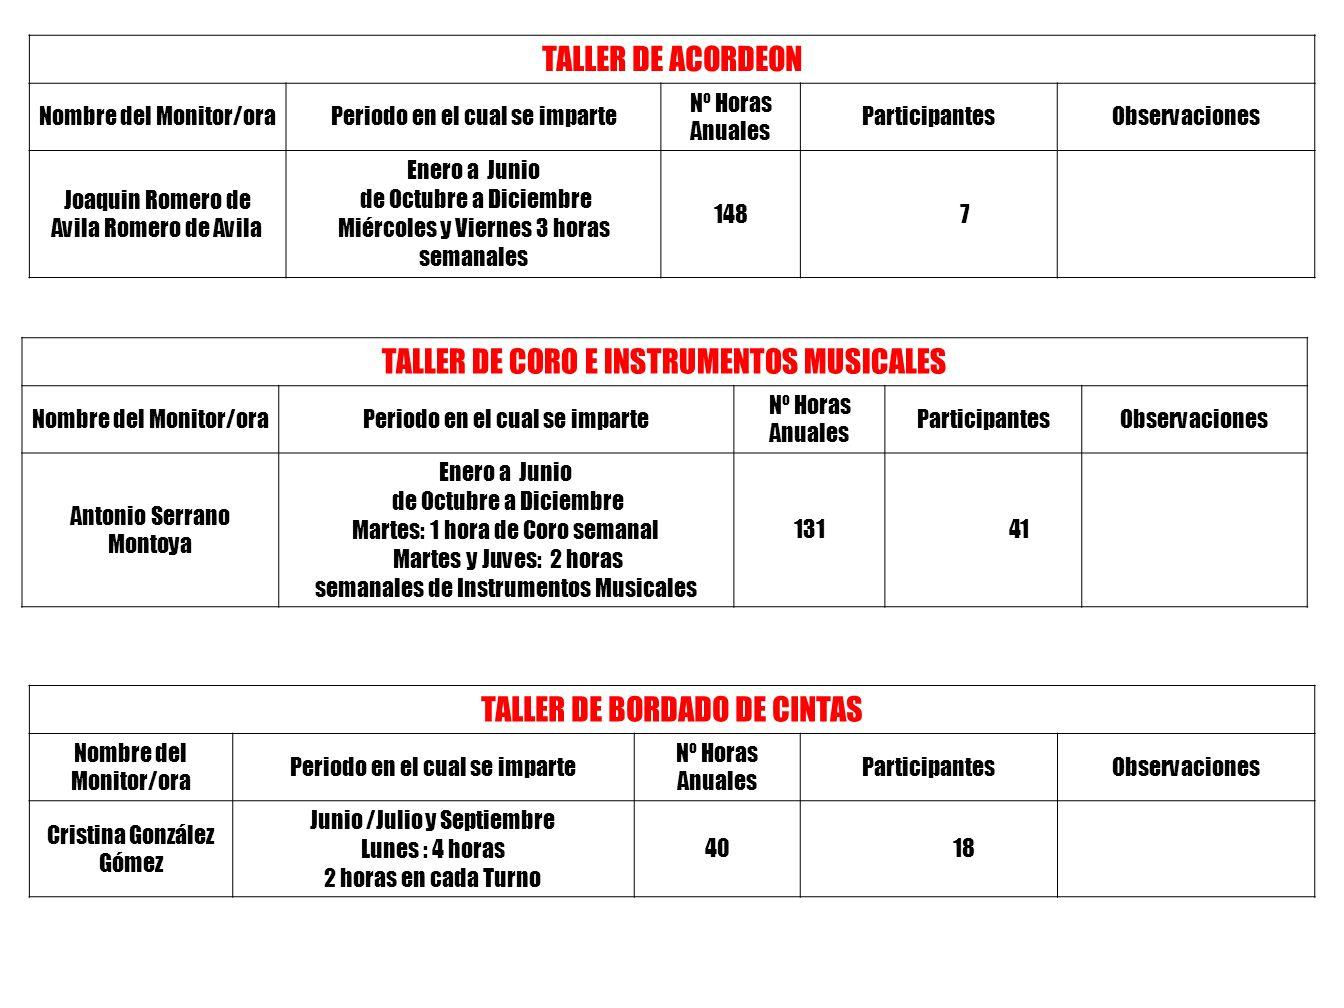 TALLER DE CORO E INSTRUMENTOS MUSICALES